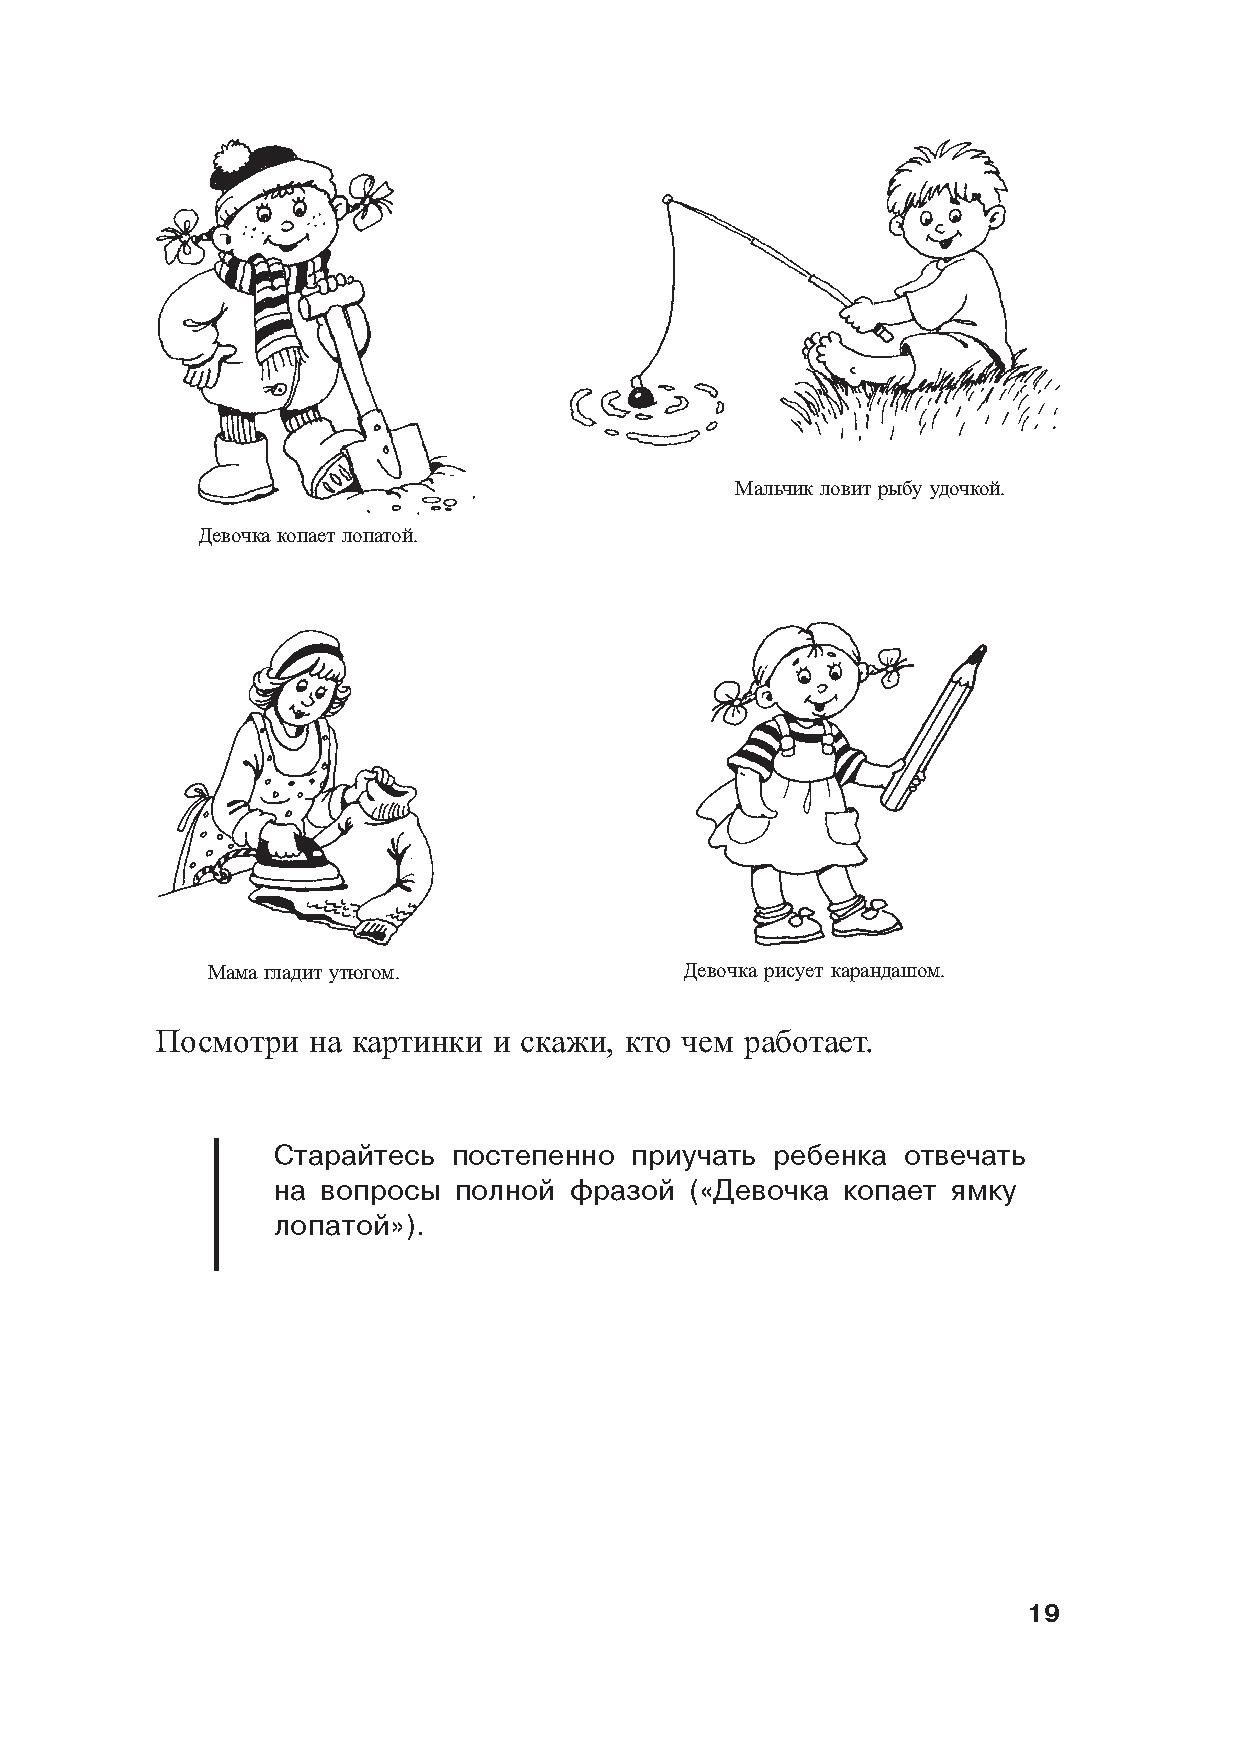 НОВИКОВСКАЯ ЛОГОПЕДИЧЕСКАЯ ГРАММАТИКА 2 4 ЛЕТ СКАЧАТЬ БЕСПЛАТНО